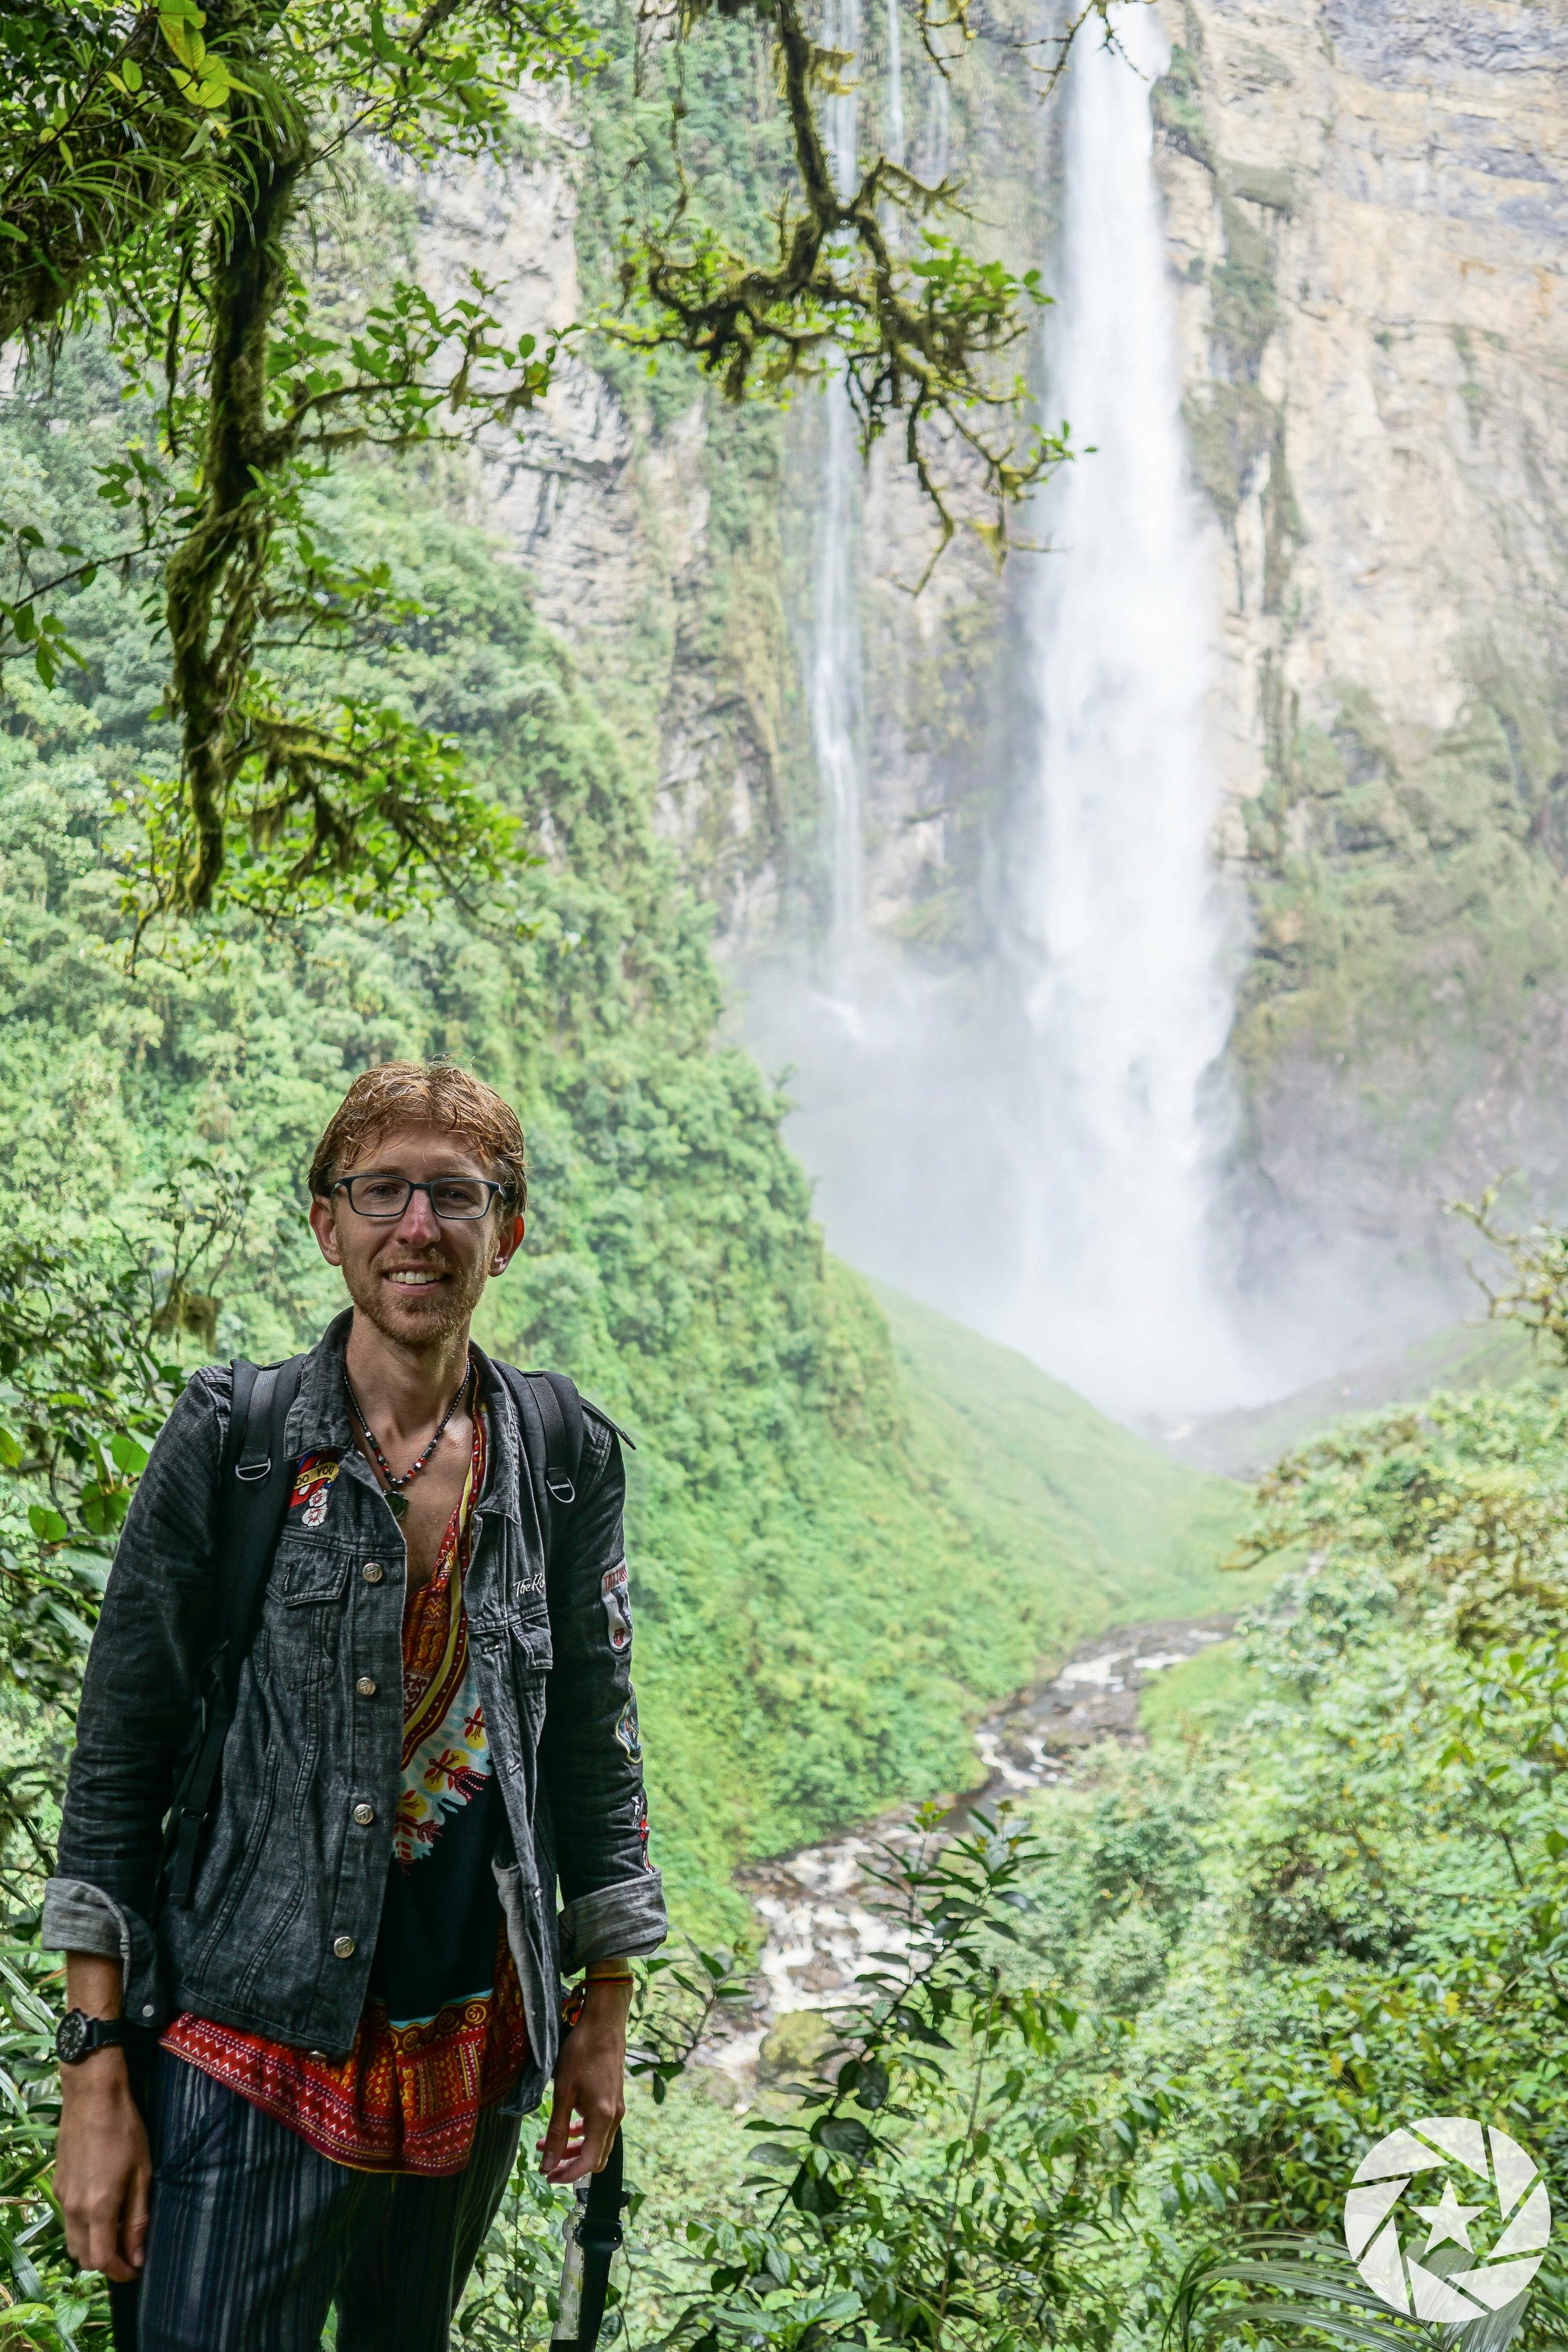 Gochta Waterfall in Chachapoyas, Peru